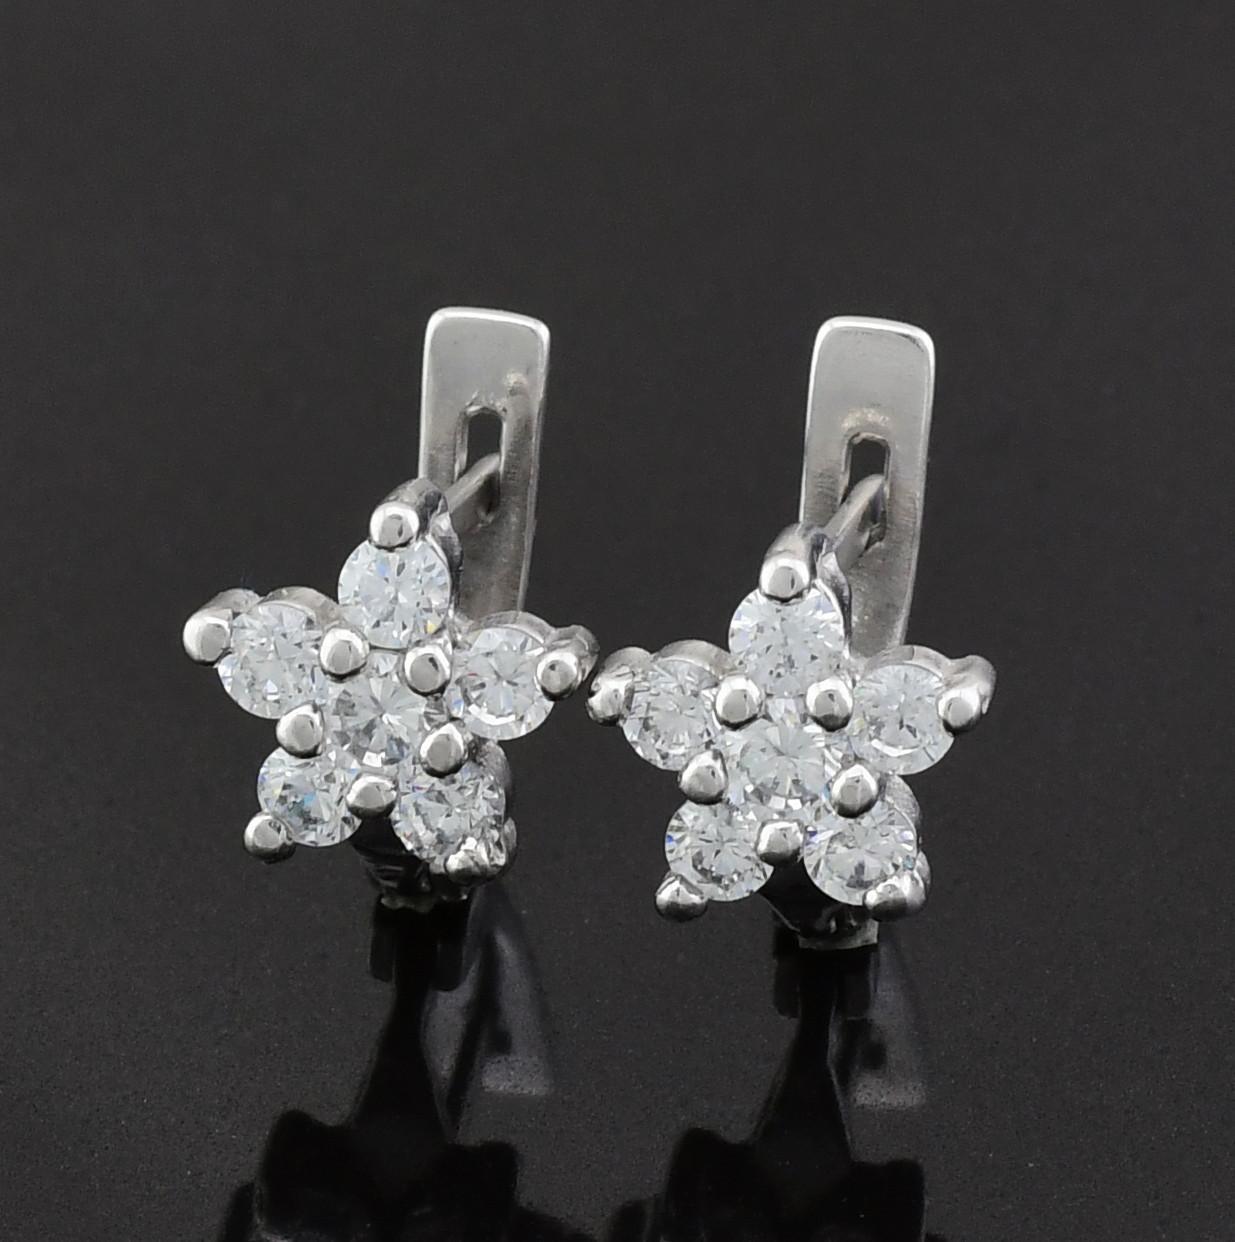 Серебряные серьги Азалия размер 12х8 мм вставка белые фианиты вес 2.48 г